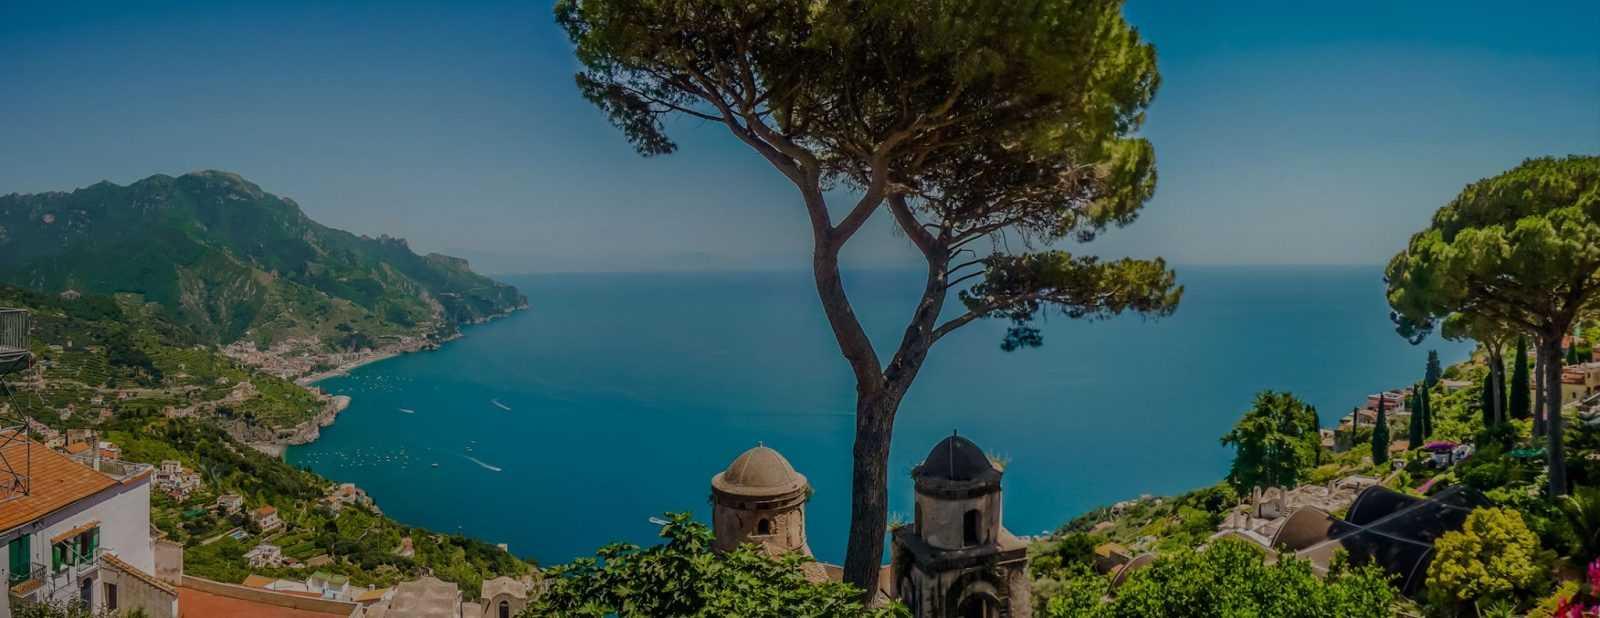 חופשה באיטליה | סולו איטליה